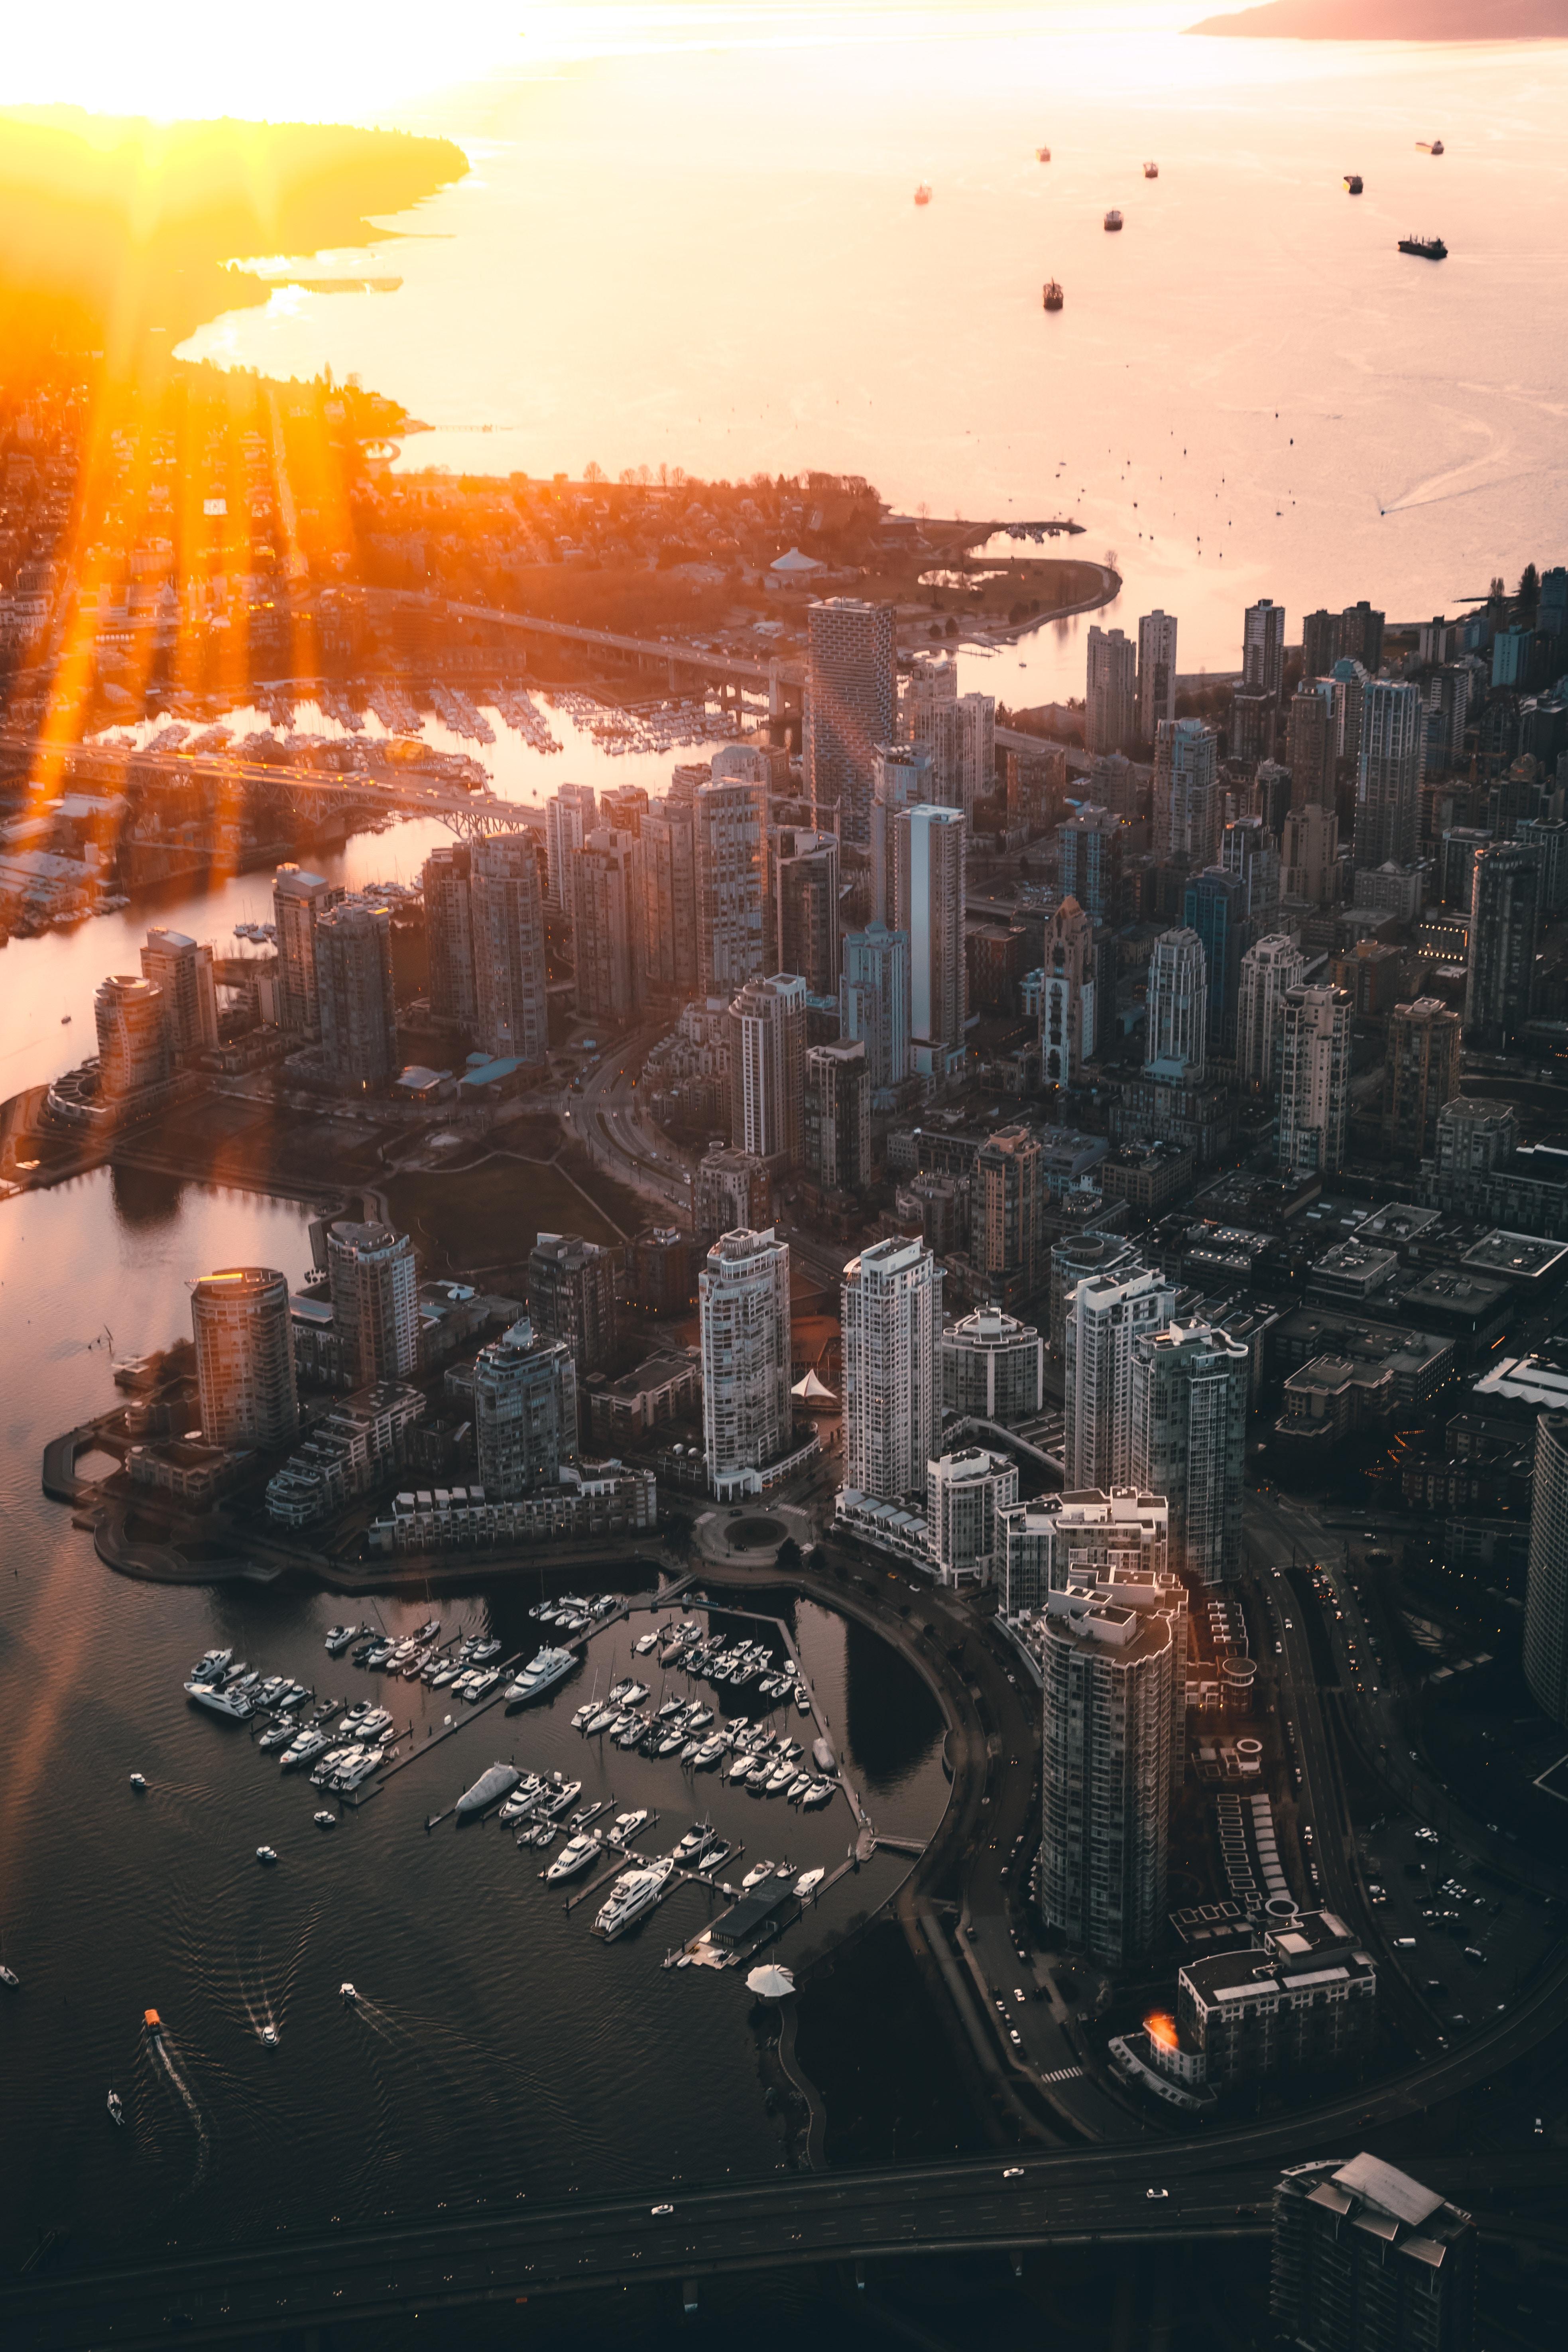 83994壁紙のダウンロード市, 都市, 上から見る, 日光, ビーム, 光線, バンクーバー, カナダ, アーキテクチャ-スクリーンセーバーと写真を無料で